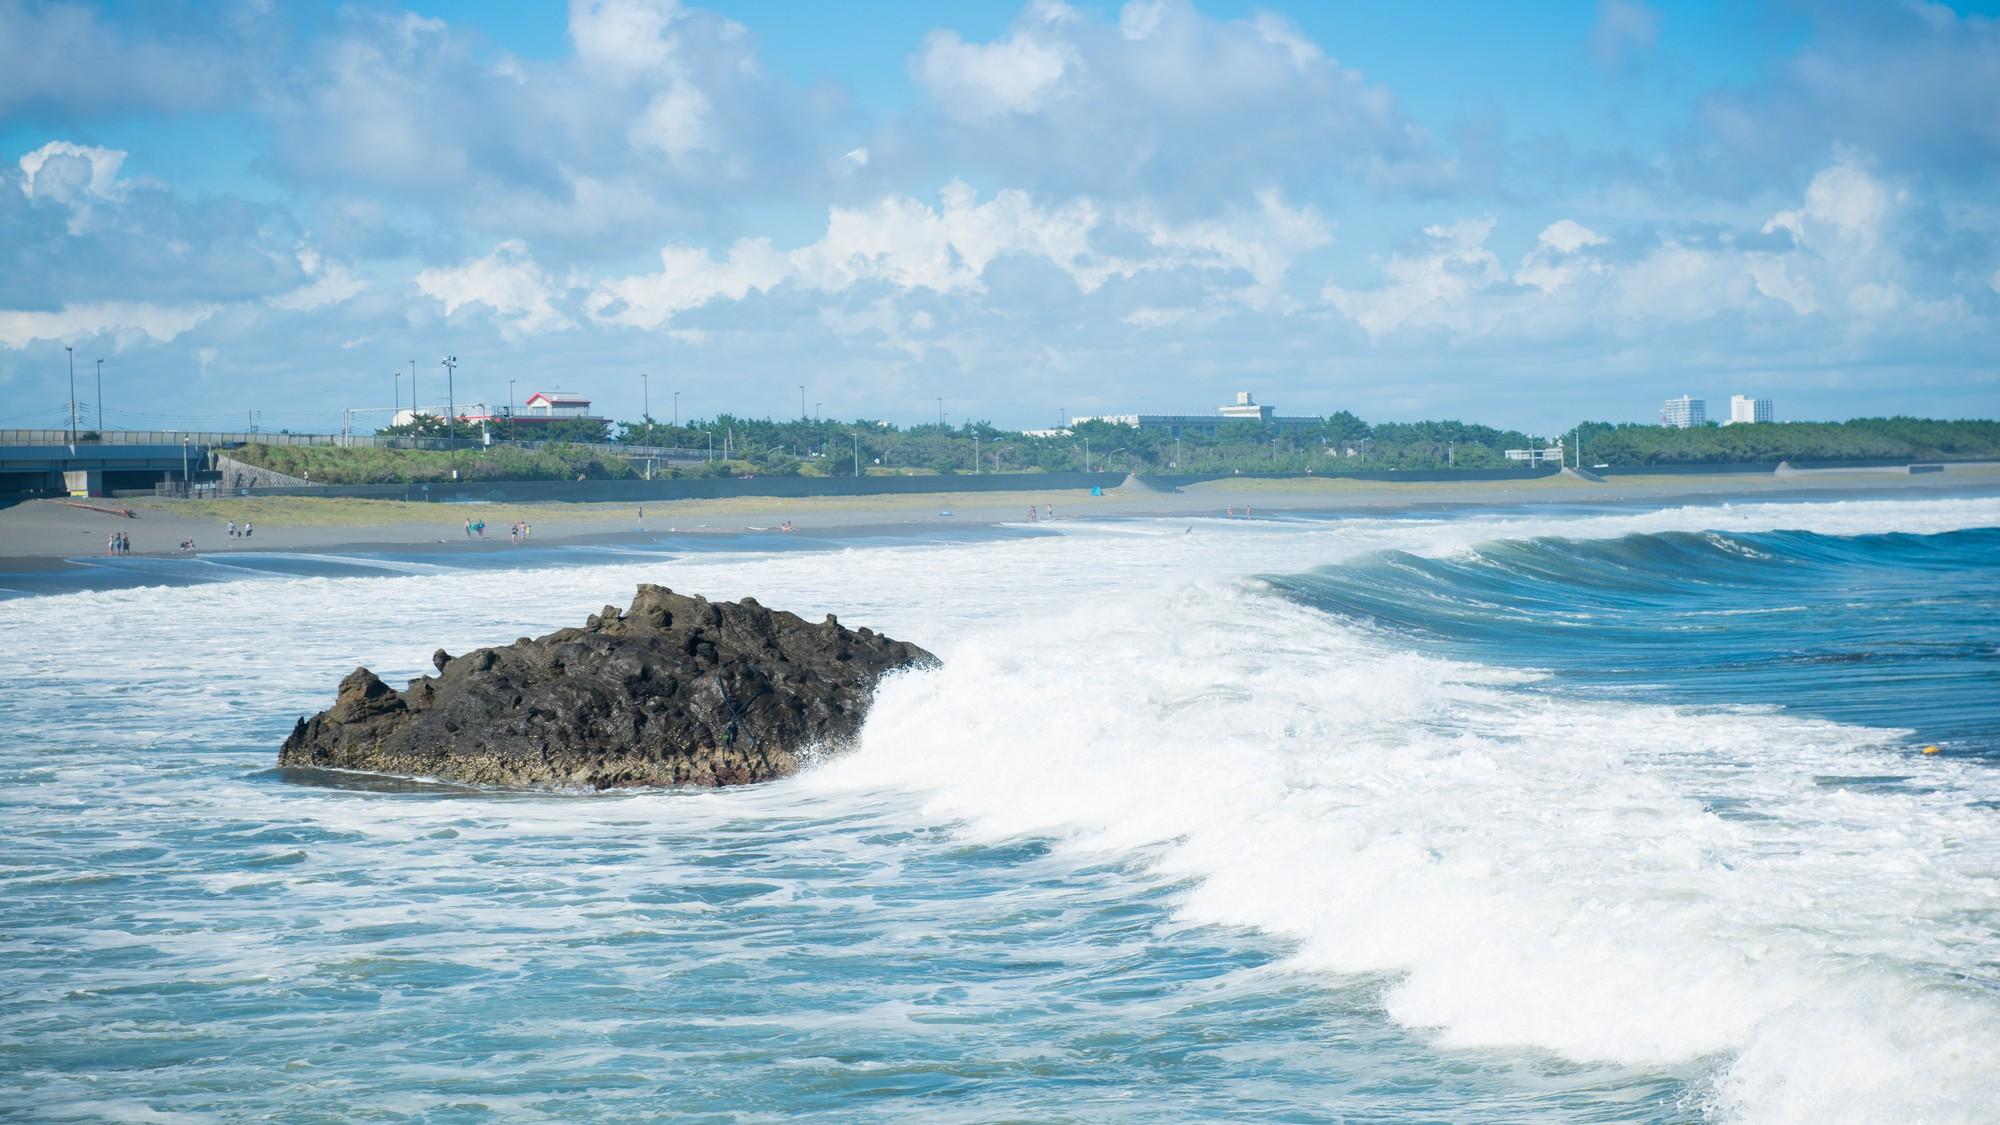 日本の海水浴は最初、「医療目的」で行われた…大磯が発祥の地